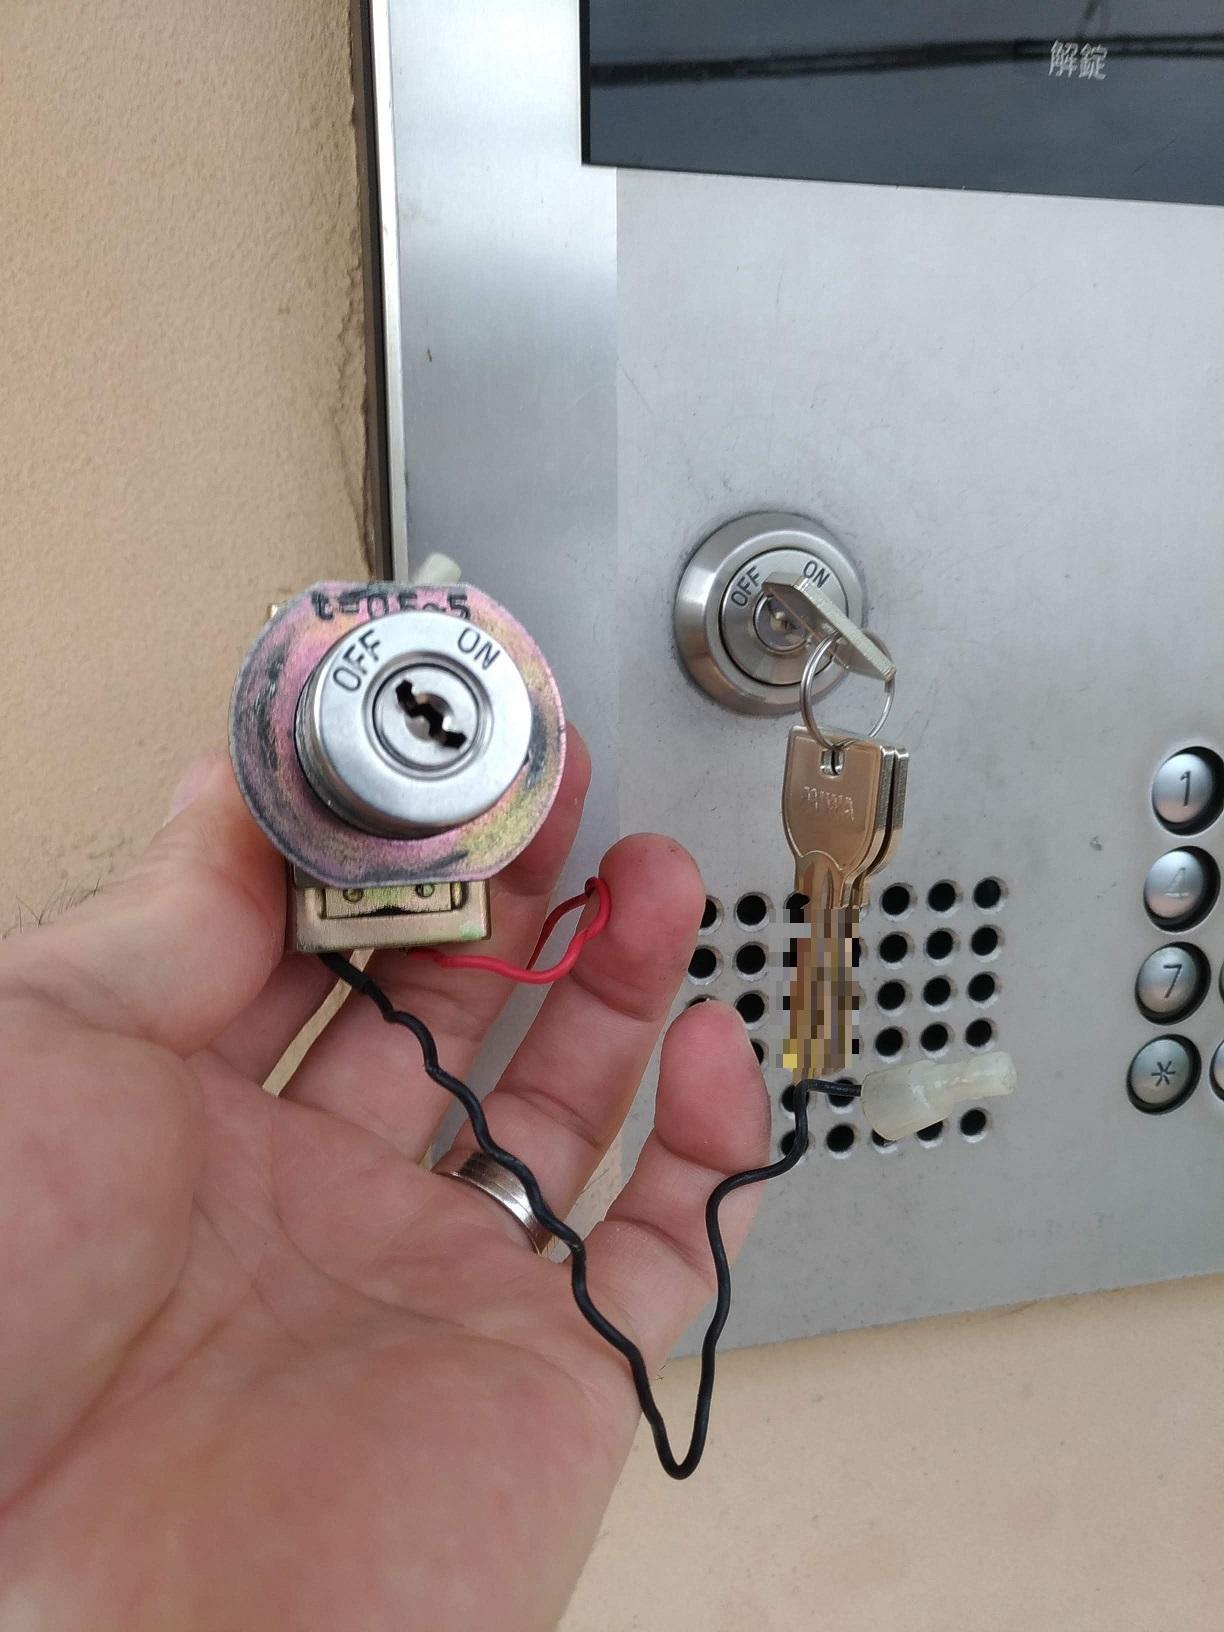 新しいキースイッチには共用部用のみ開けることができる鍵が3本付いてきます。